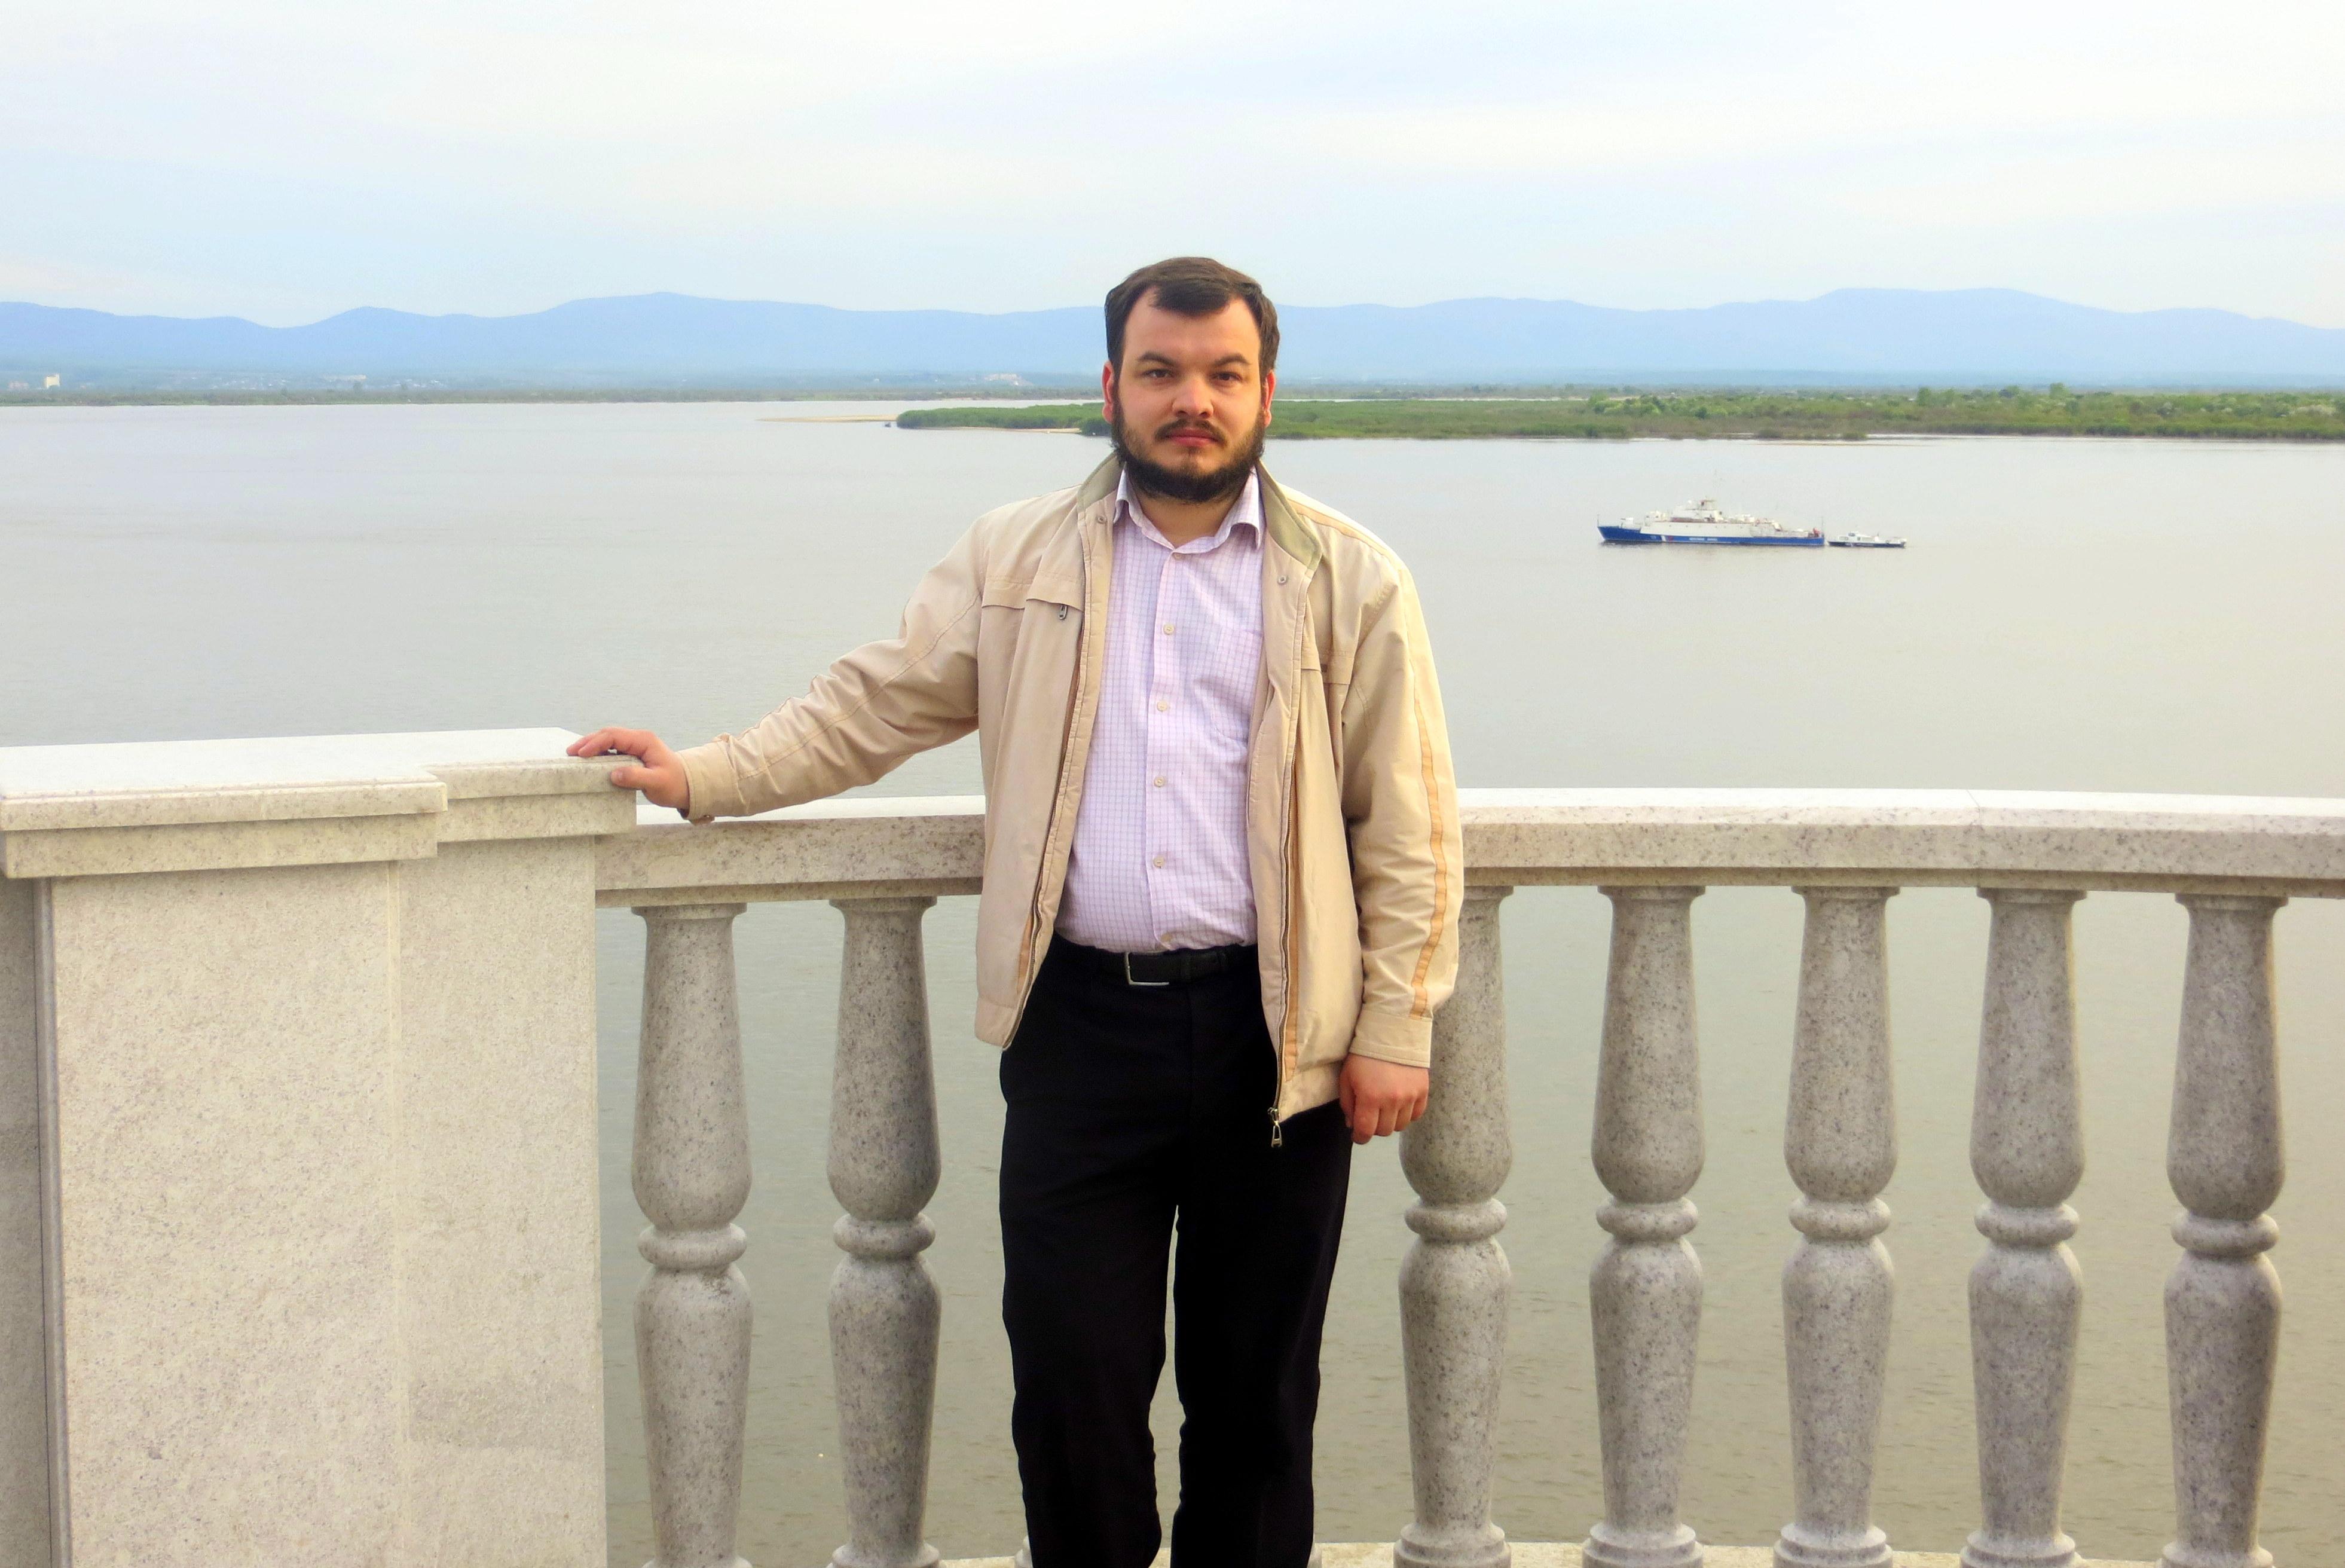 Руководитель направления помощи бездомным Синодального отдела по благотворительности Илья Кусков